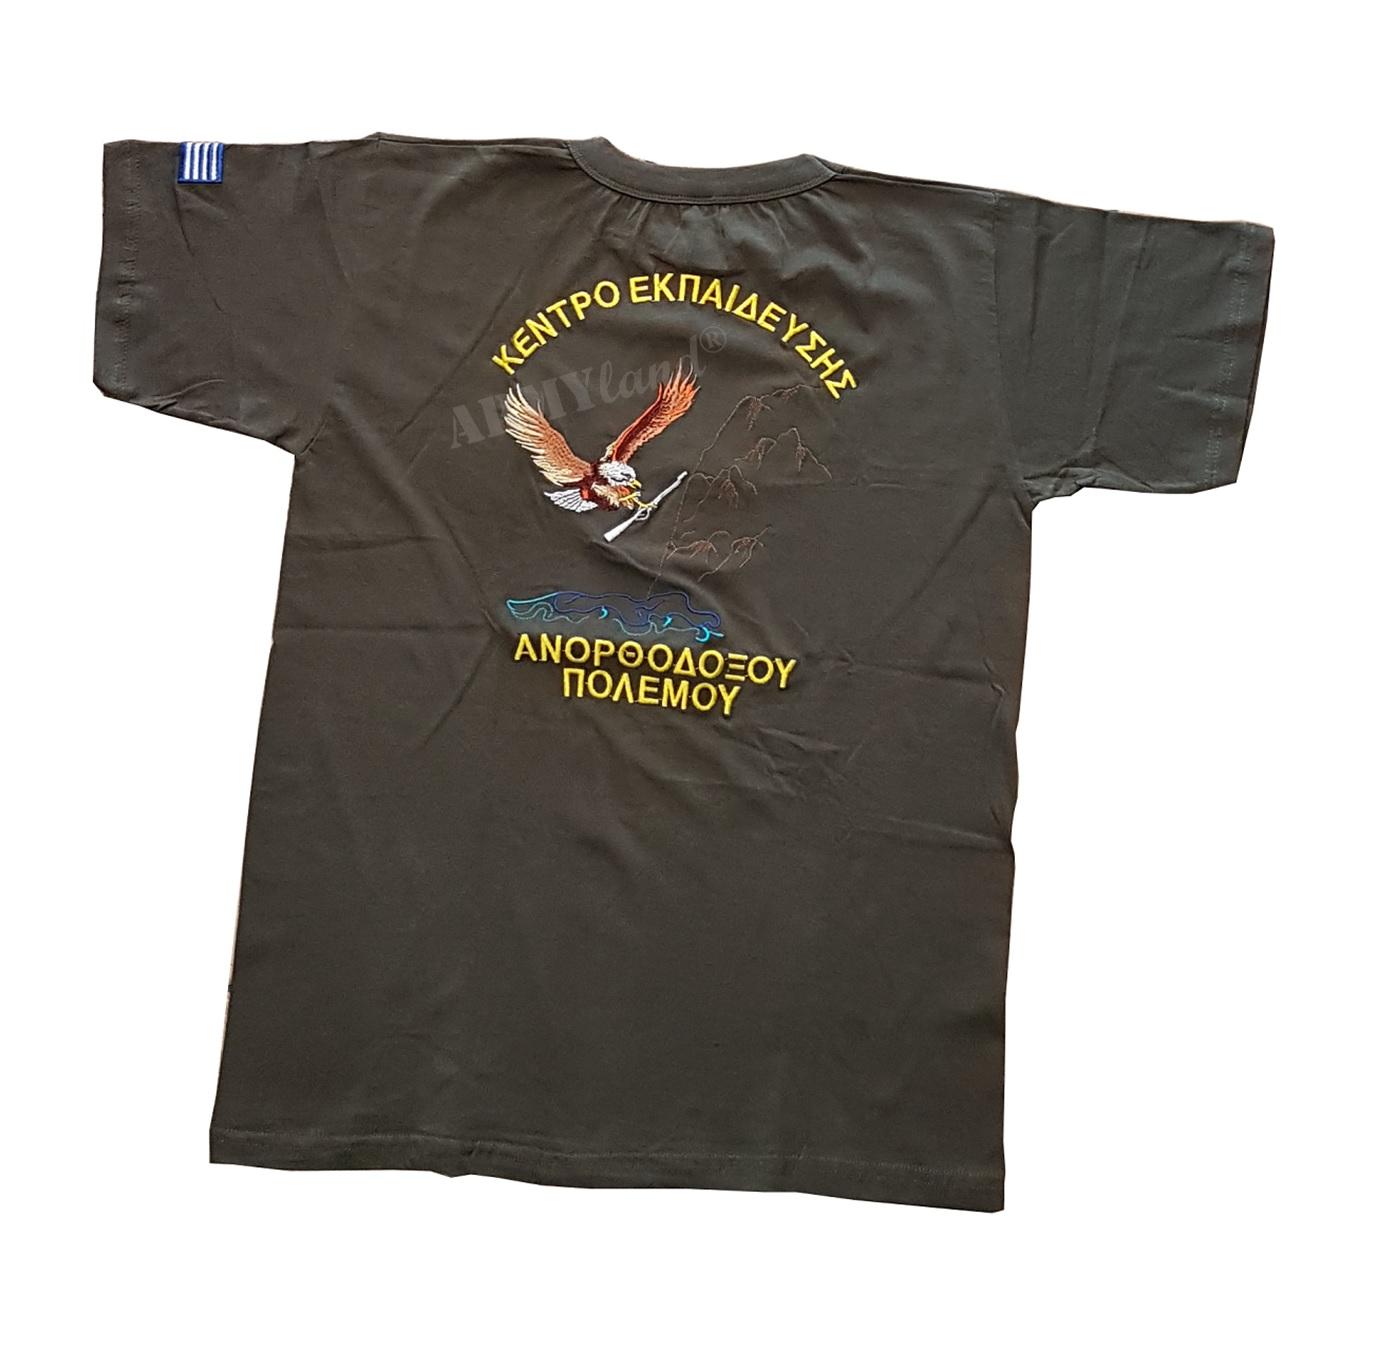 b1c437063b69 ΣΤΡΑΤΙΩΤΙΚΑ ΜΠΛΟΥΖΑΚΙΑ ΜΕ ΚΕΝΤΗΜΑ  Κέντρο Εκπαιδεύσεως - Ανορθόδοξου Πολέμου   ...